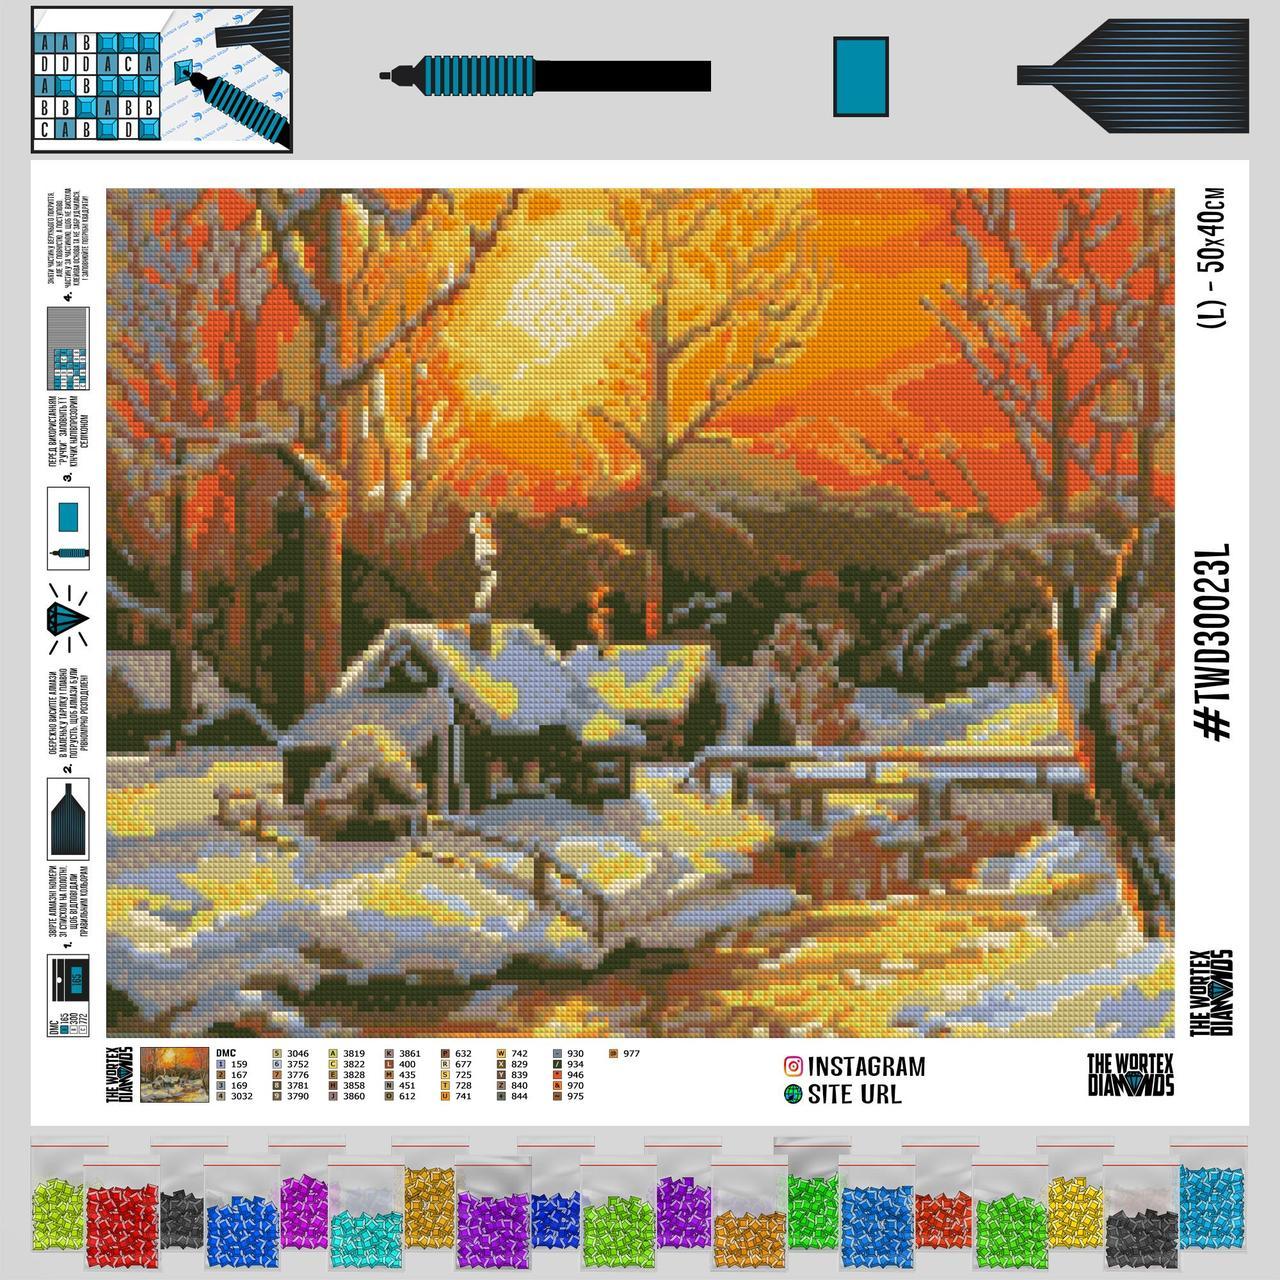 TWD30023 Набор алмазной вышивки Пейзаж